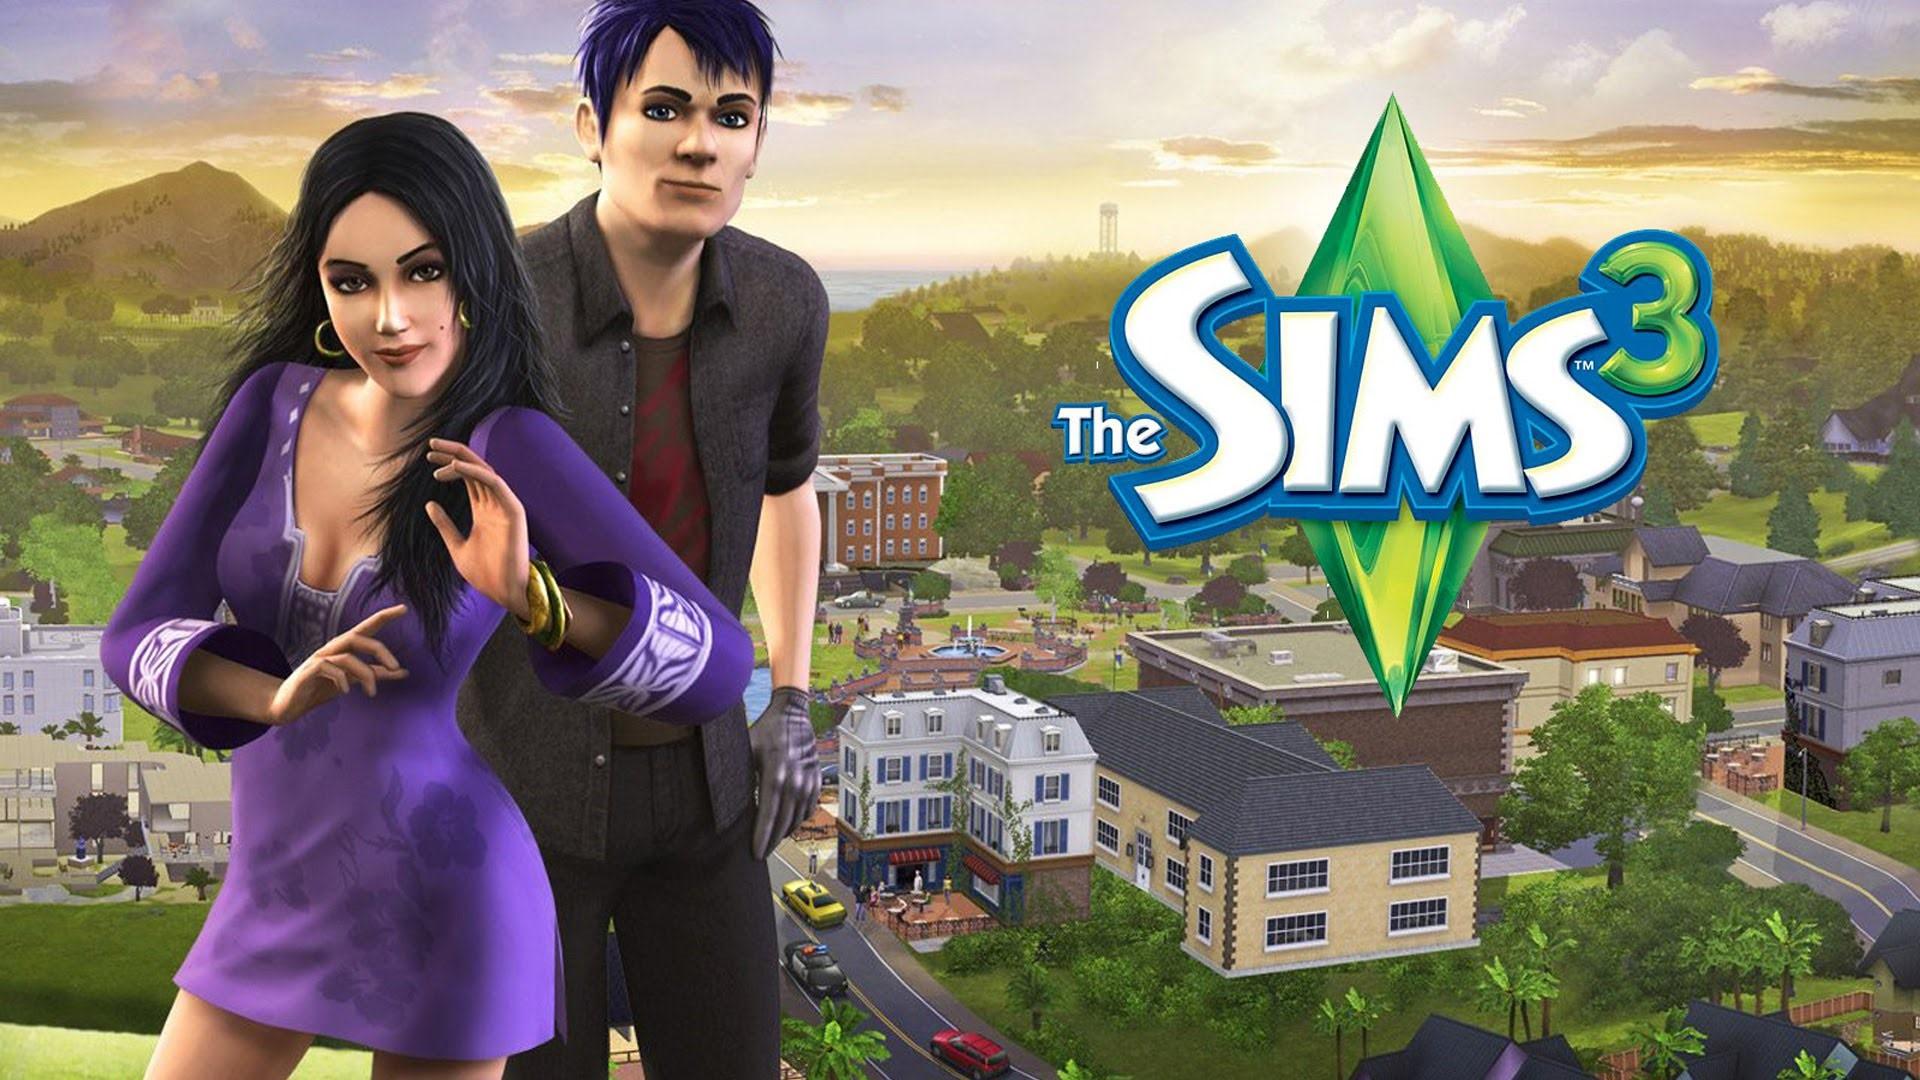 Купить The sims 3 + Бонус игры + Гарантия